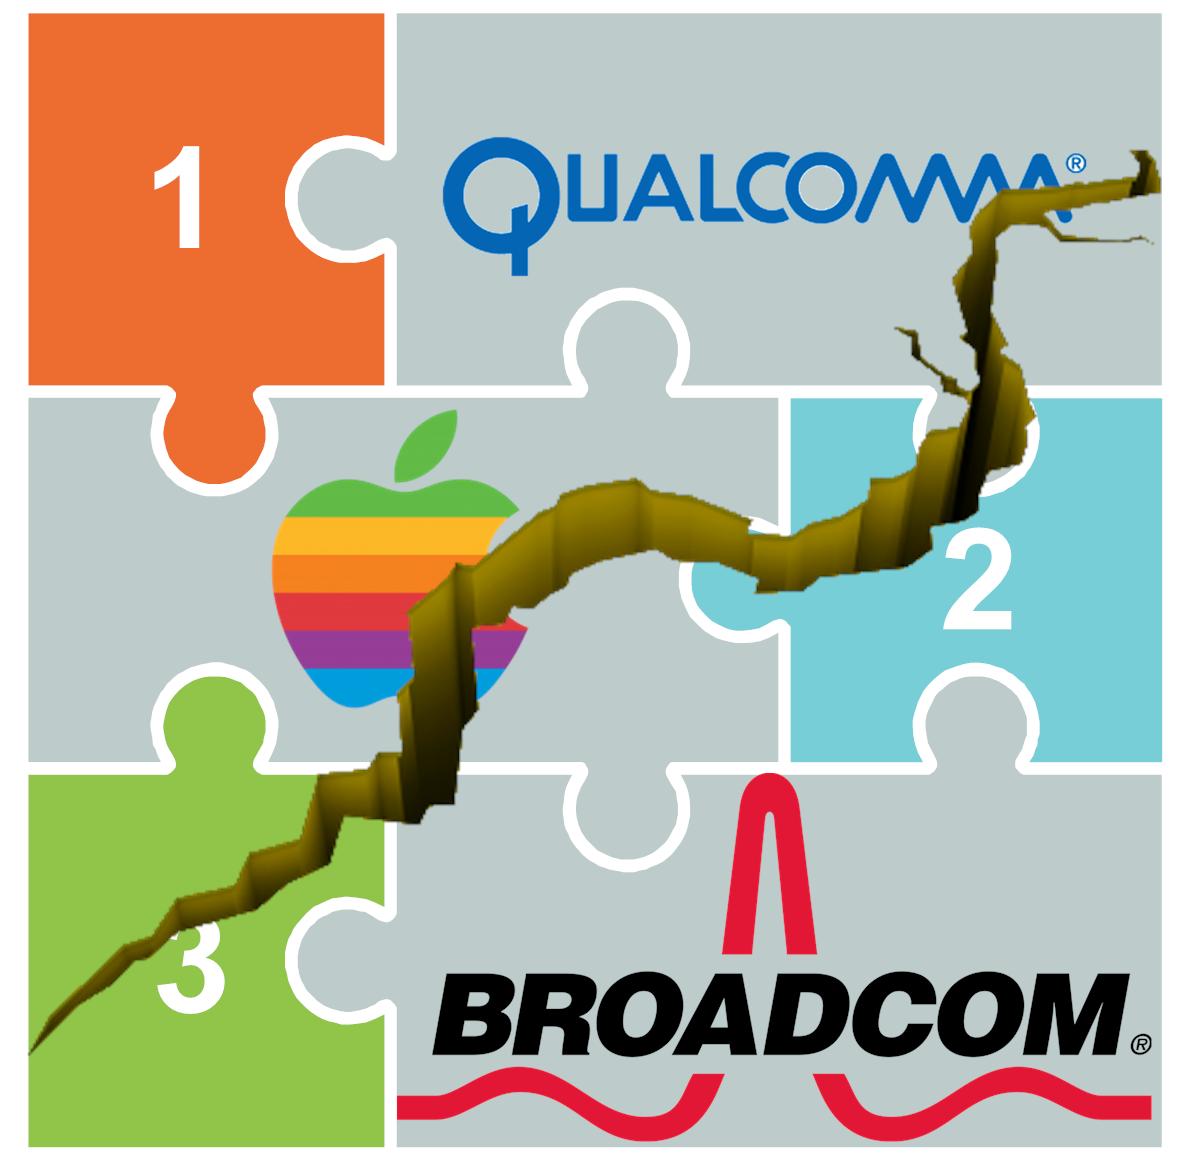 Am I Next? Broadcom - Qualcomm Takeover Layoffs